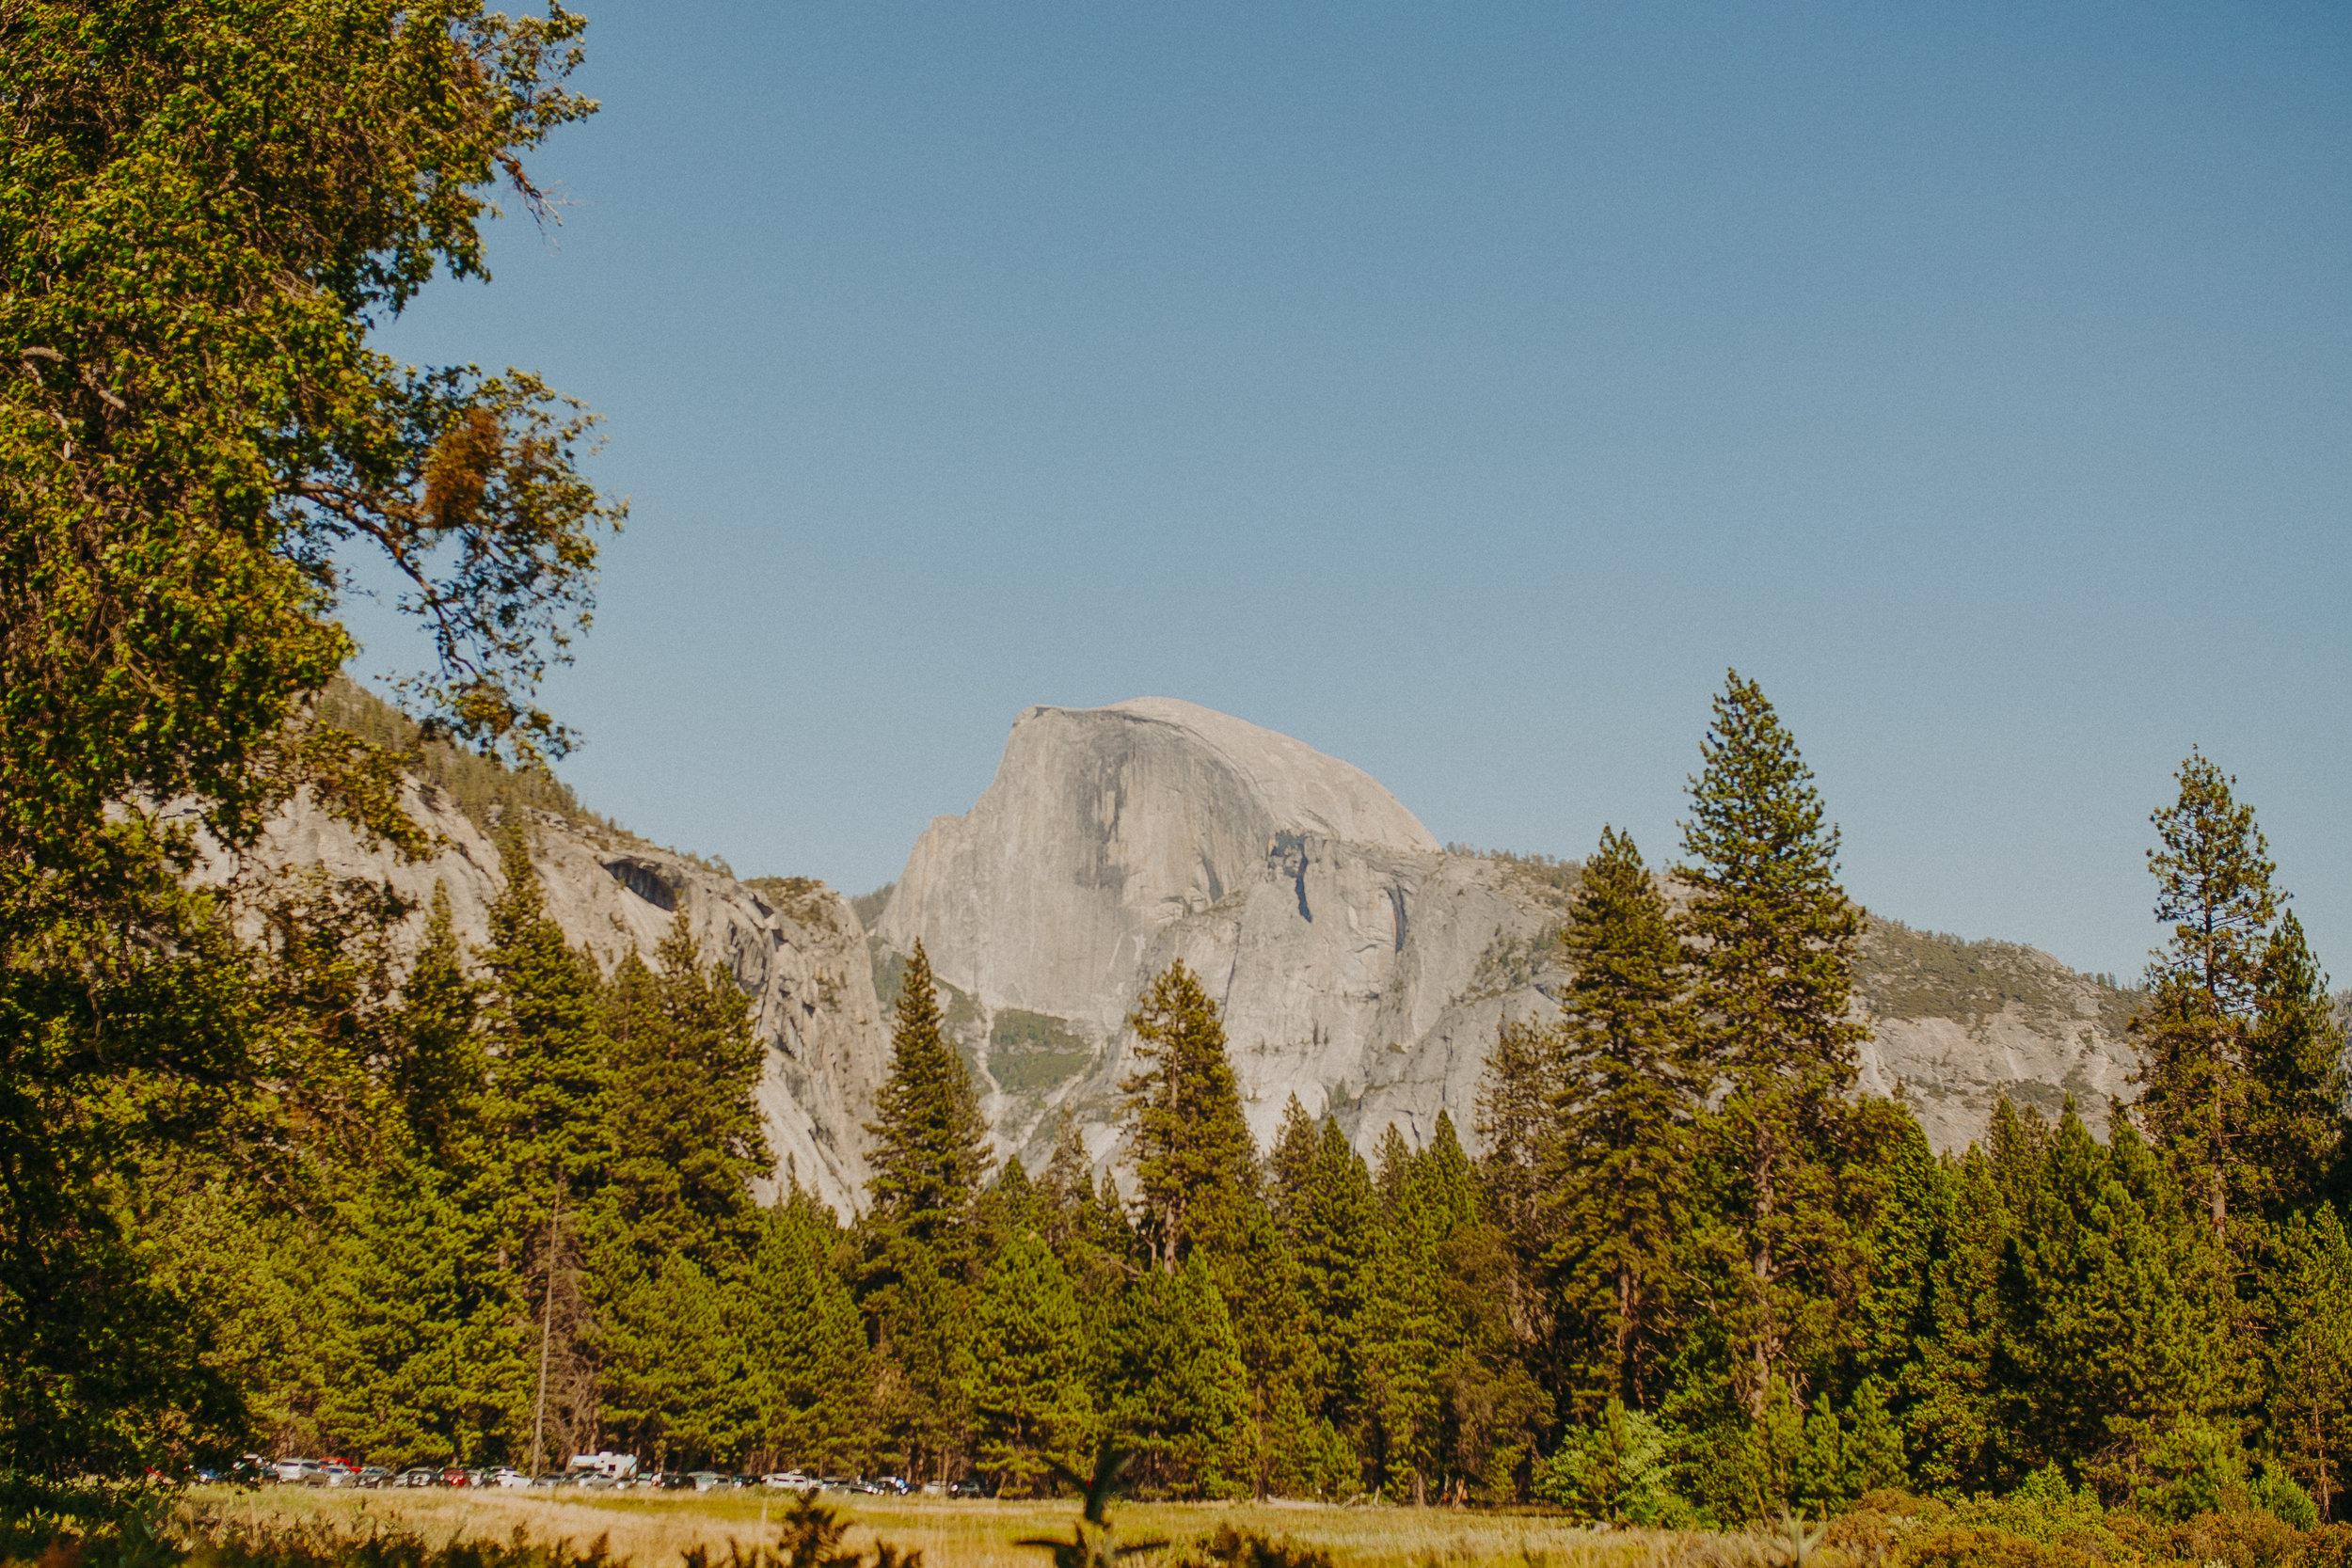 Visit-Yosemite-National-Park-Pictures-California-19.jpg